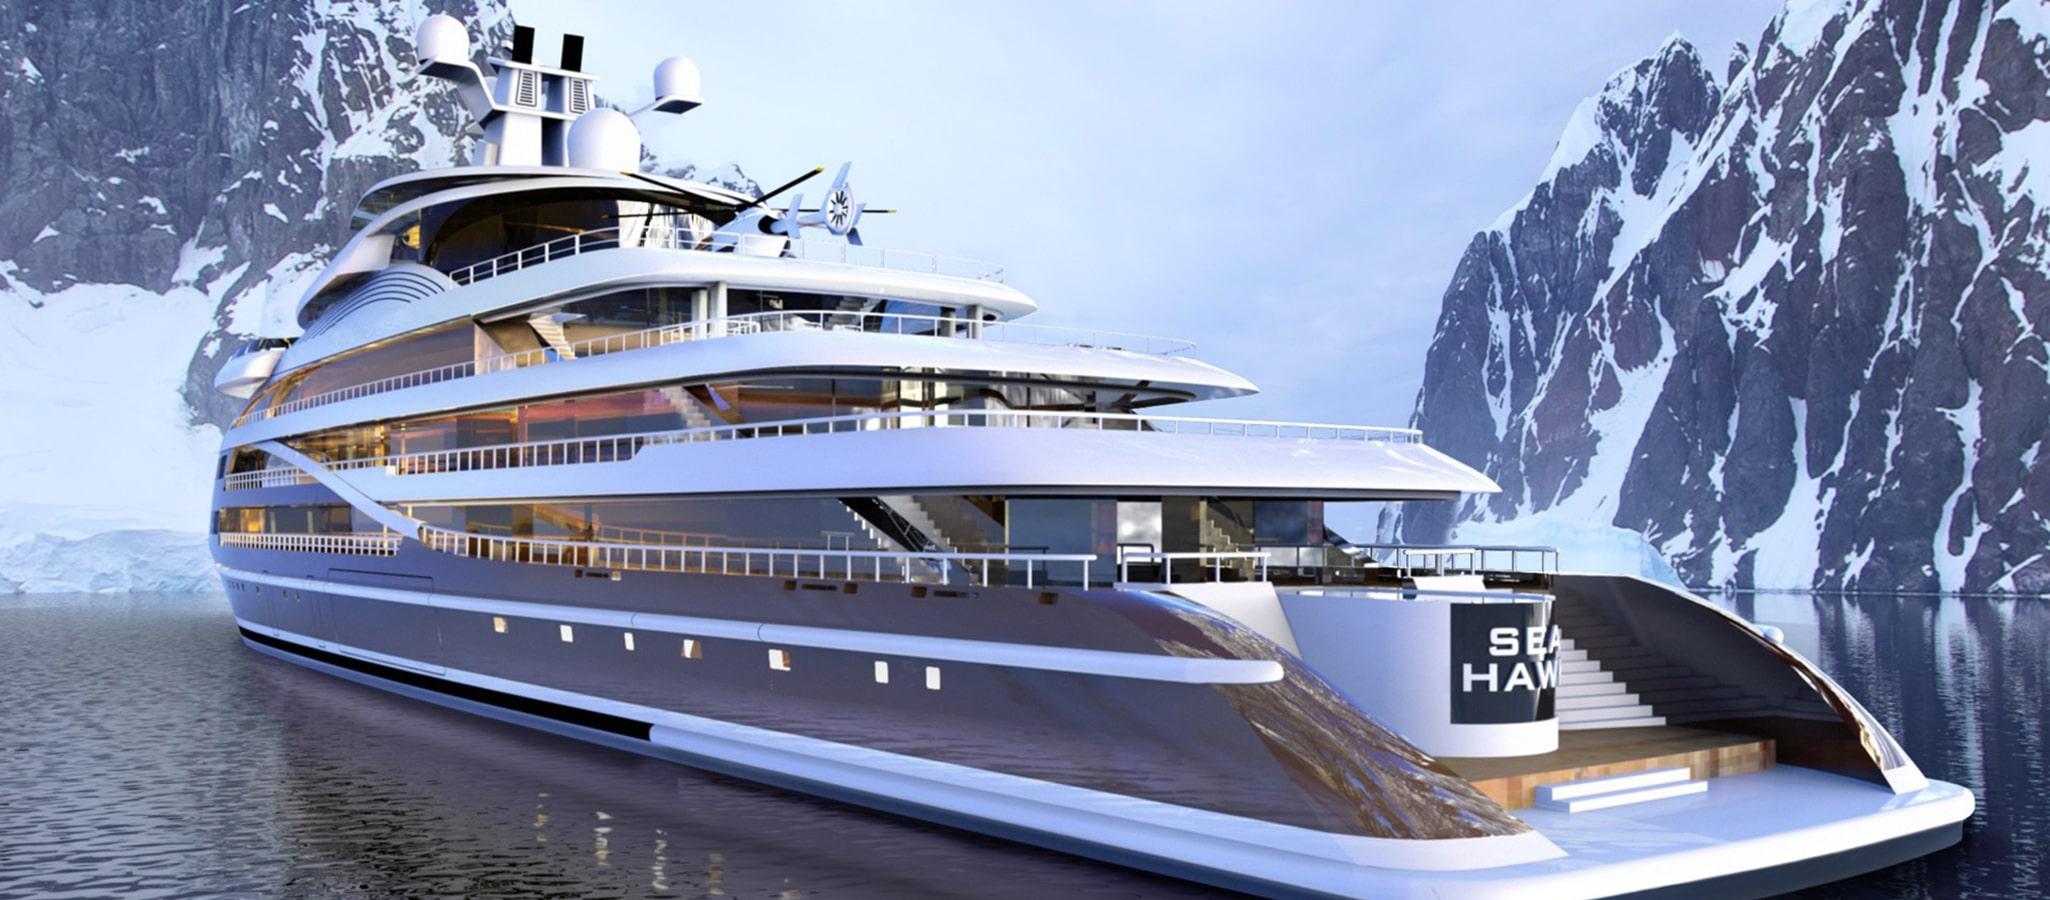 Schiffe der neuesten Generation überzeugen Eventplaner mit ihrem schnittigen Design. Und mit einer exklusiven Ausstattung, die von U-Booten bis zu Helikoptern reichen kann.